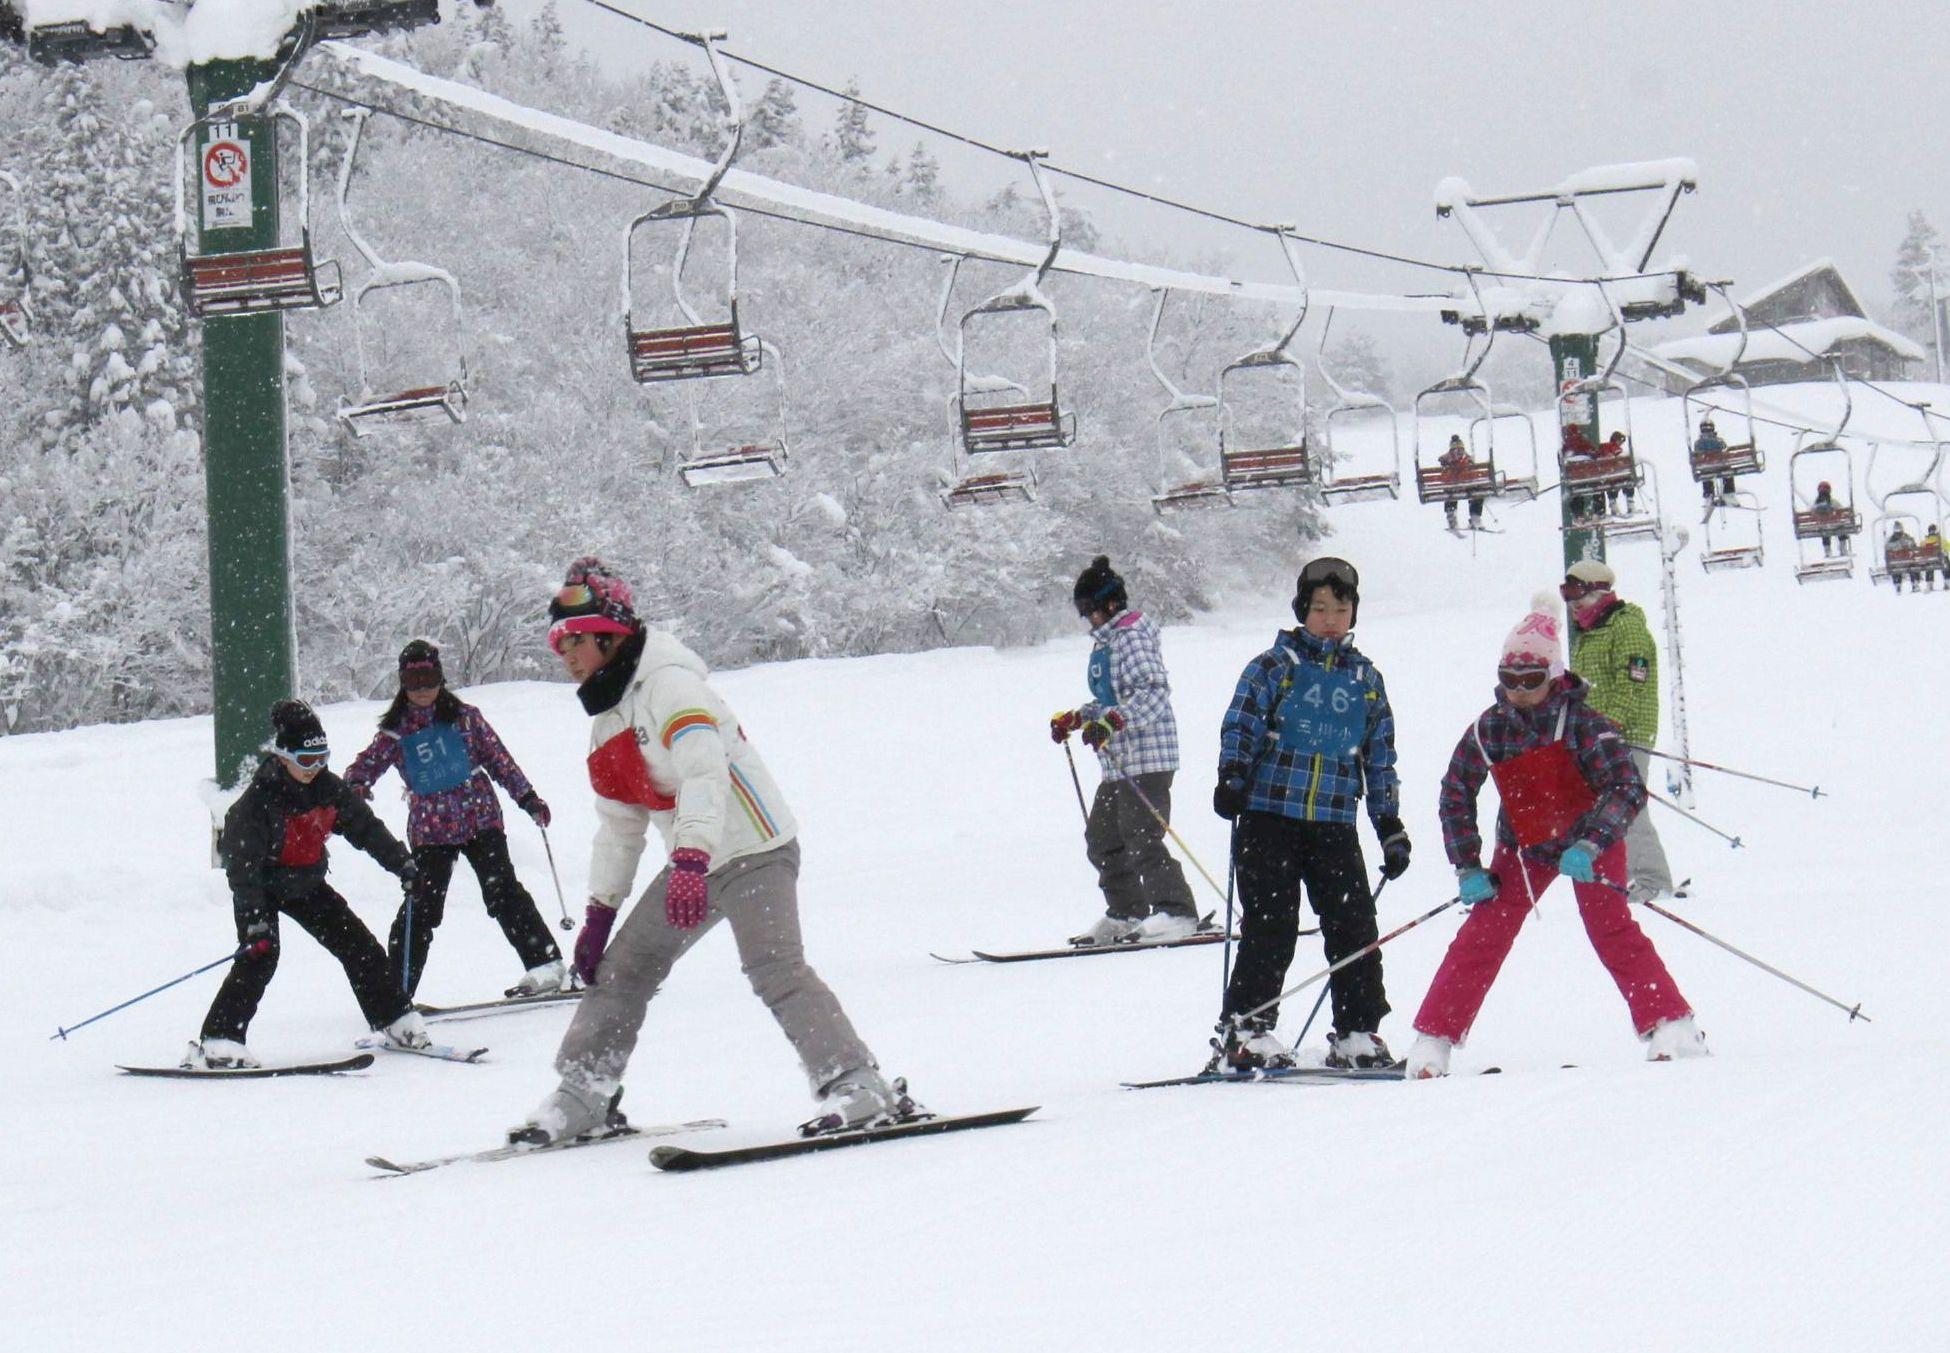 待望の降雪でようやくオープンした三川・温泉スキー場